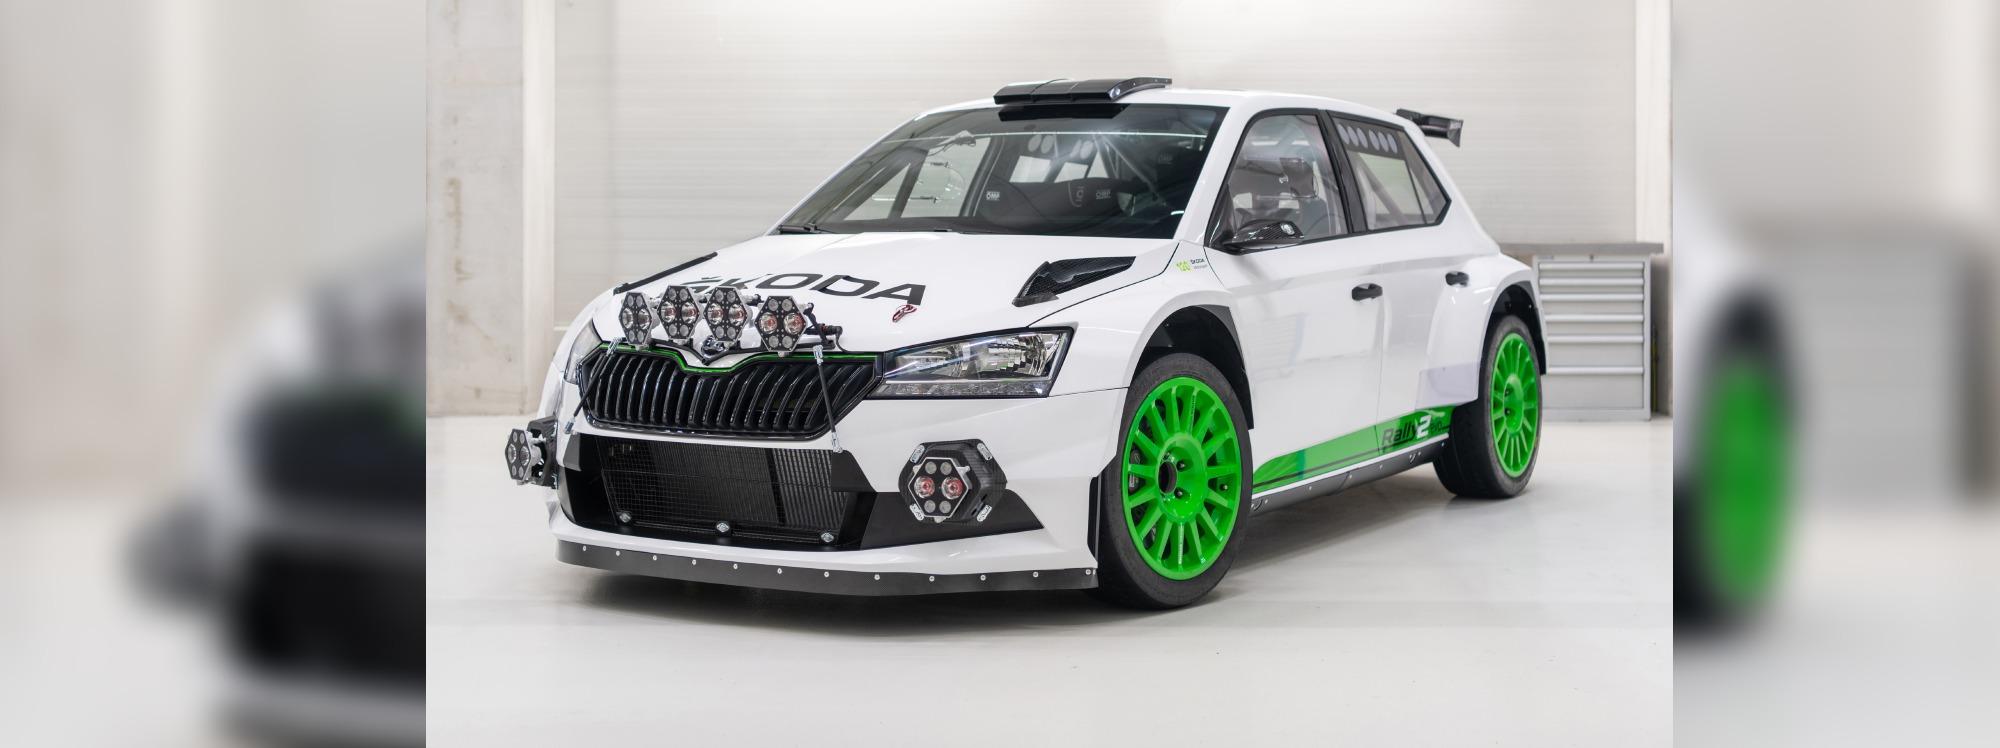 Skoda celebra sus 120 años de competición con el  Fabia Rally2 Evo